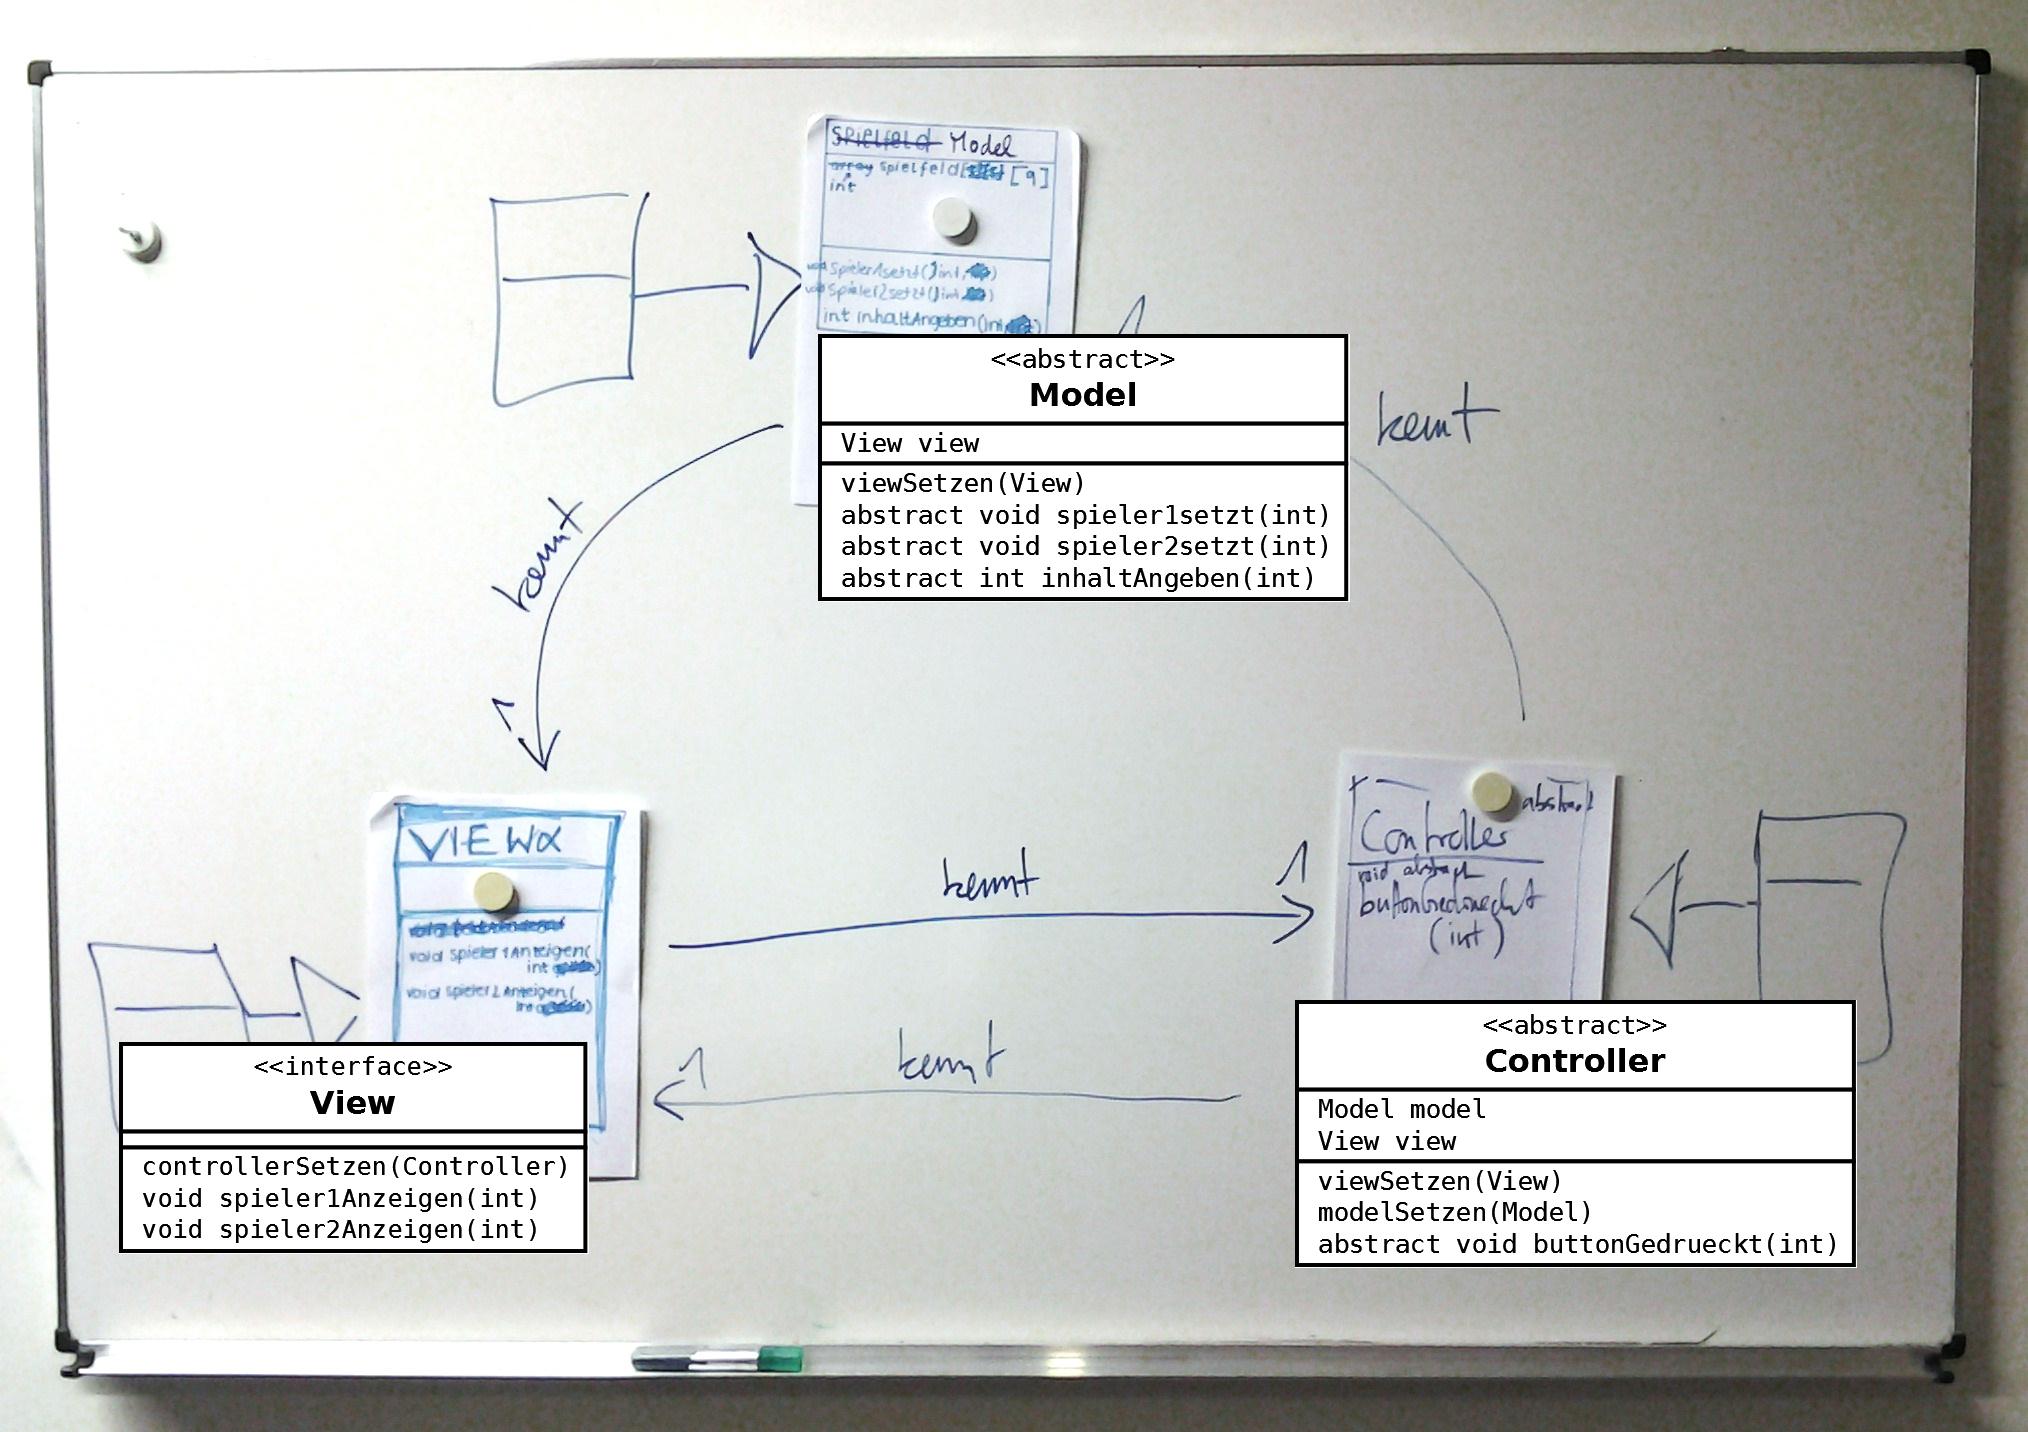 Ziemlich Beispiele Für Administratorfortsetzungen Bilder - Beispiel ...